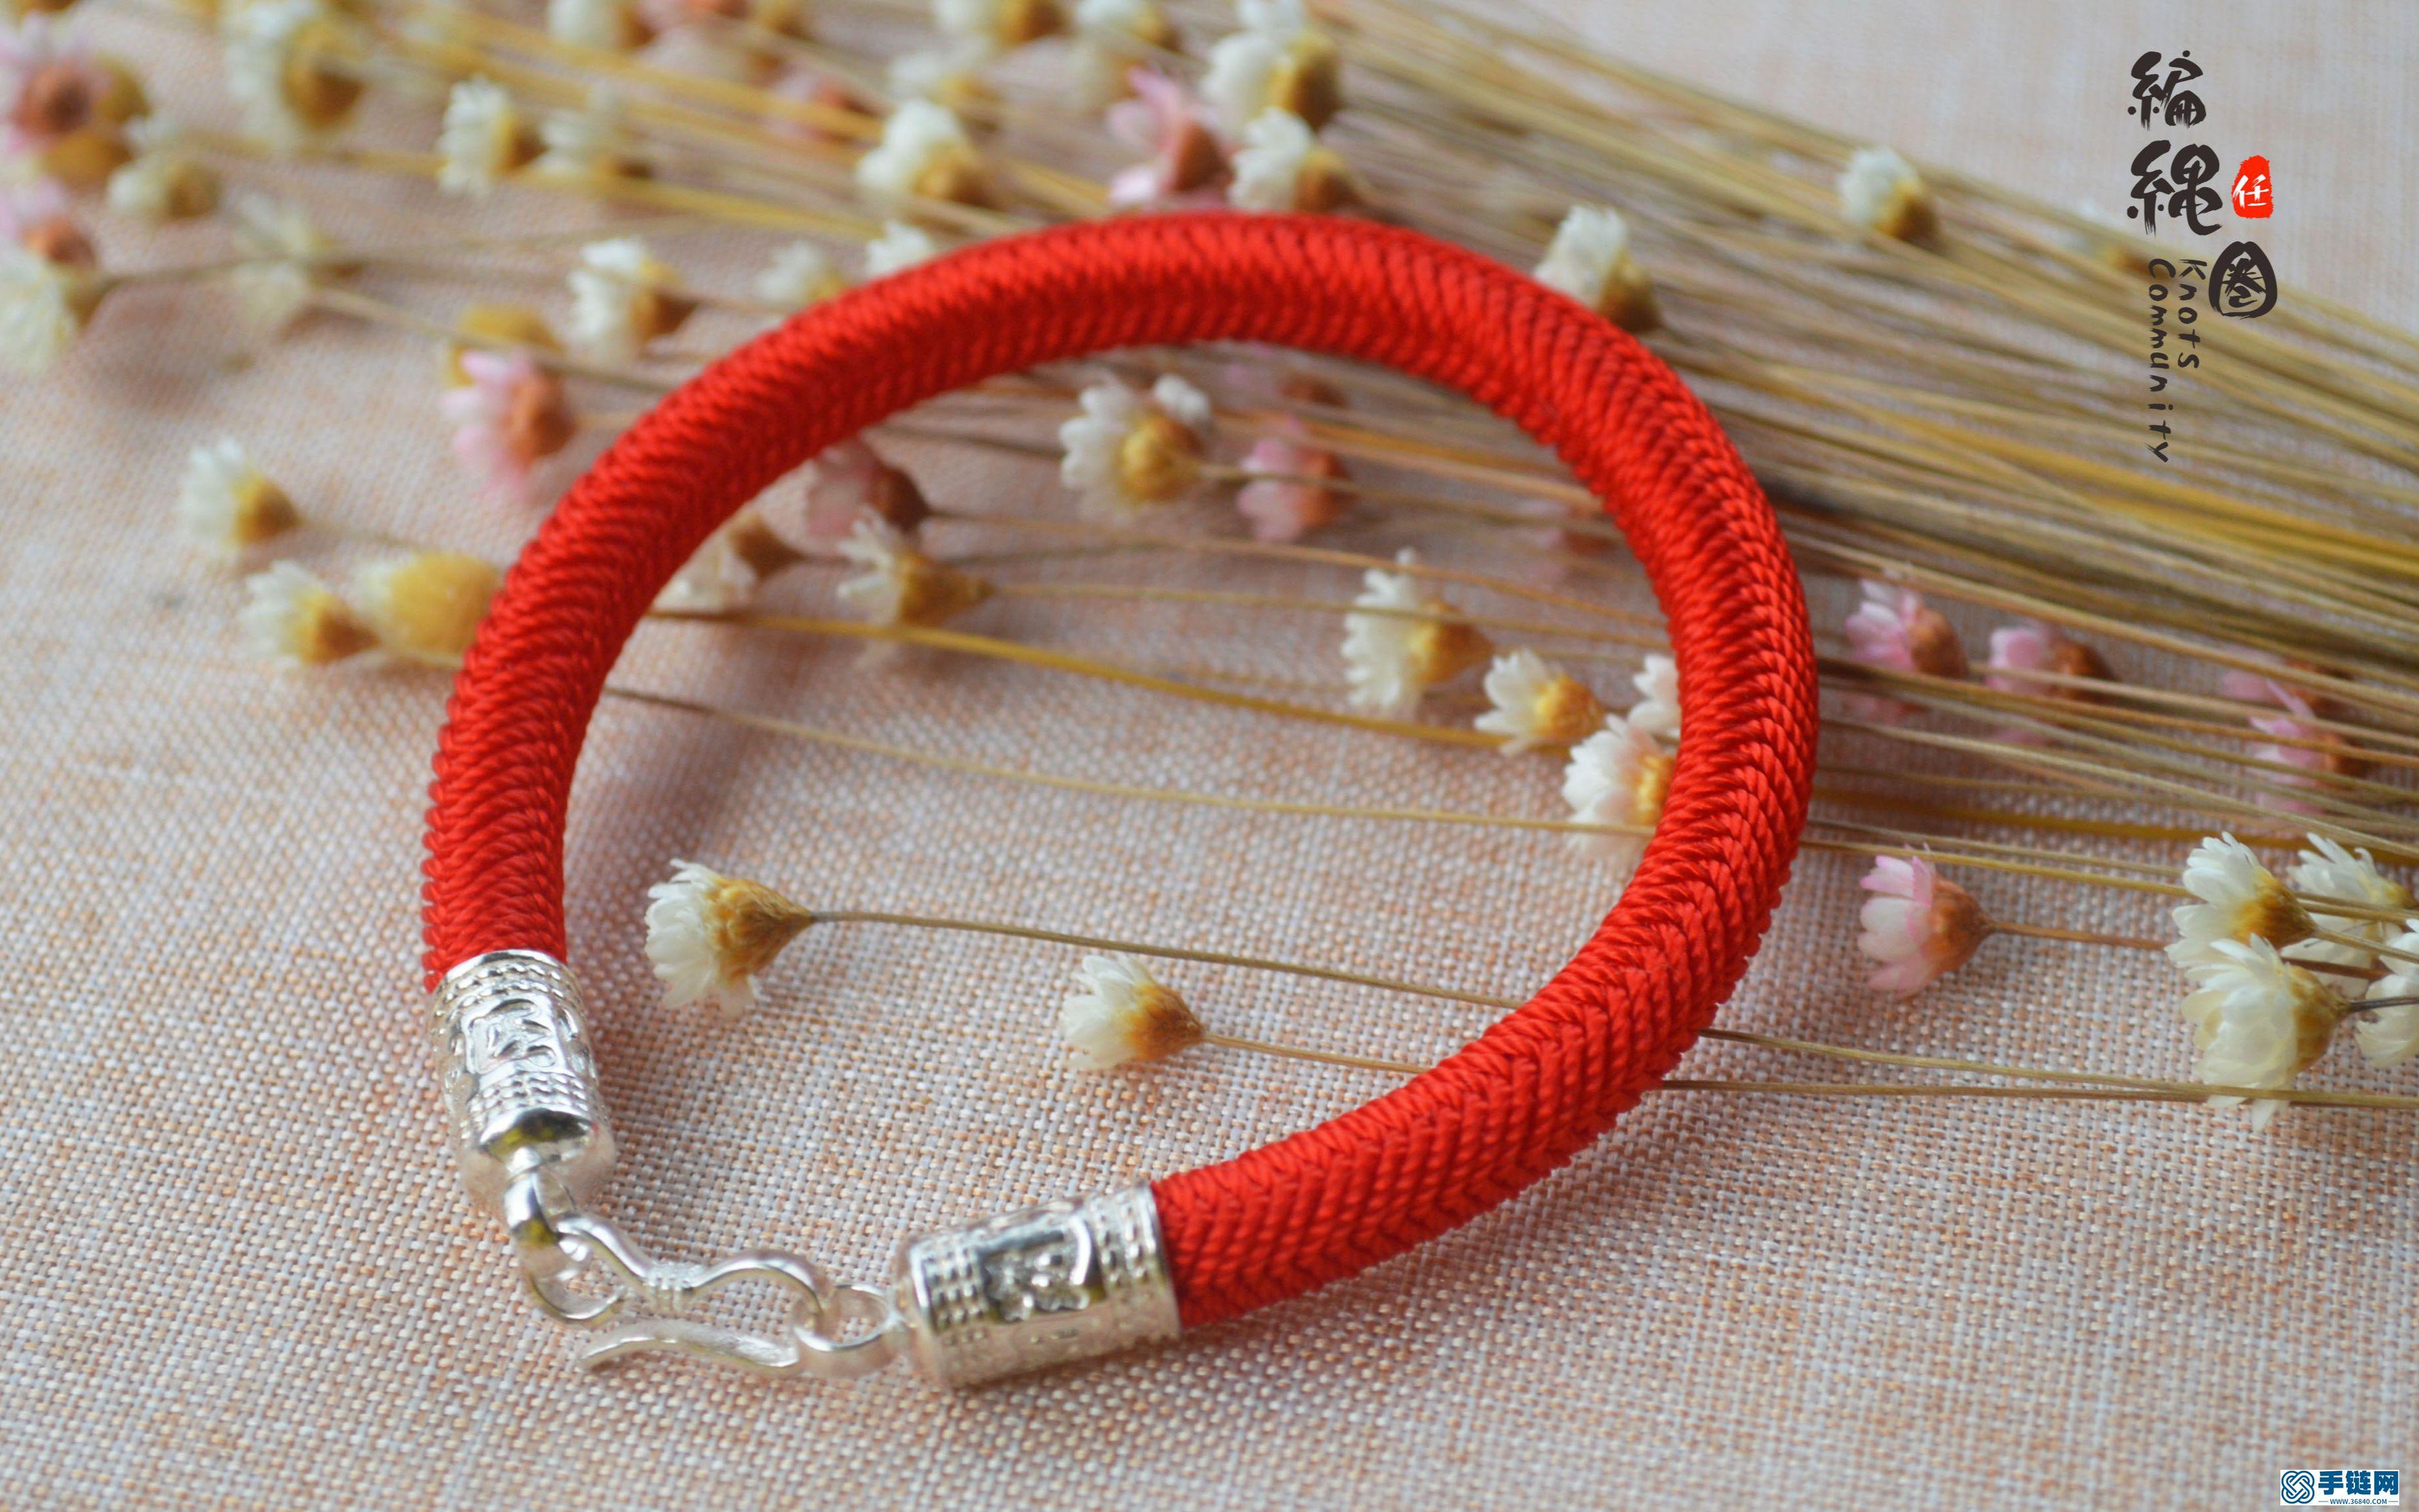 戴红绳,辟邪保平安,九乘迦叶金刚绳,给家人各做一条